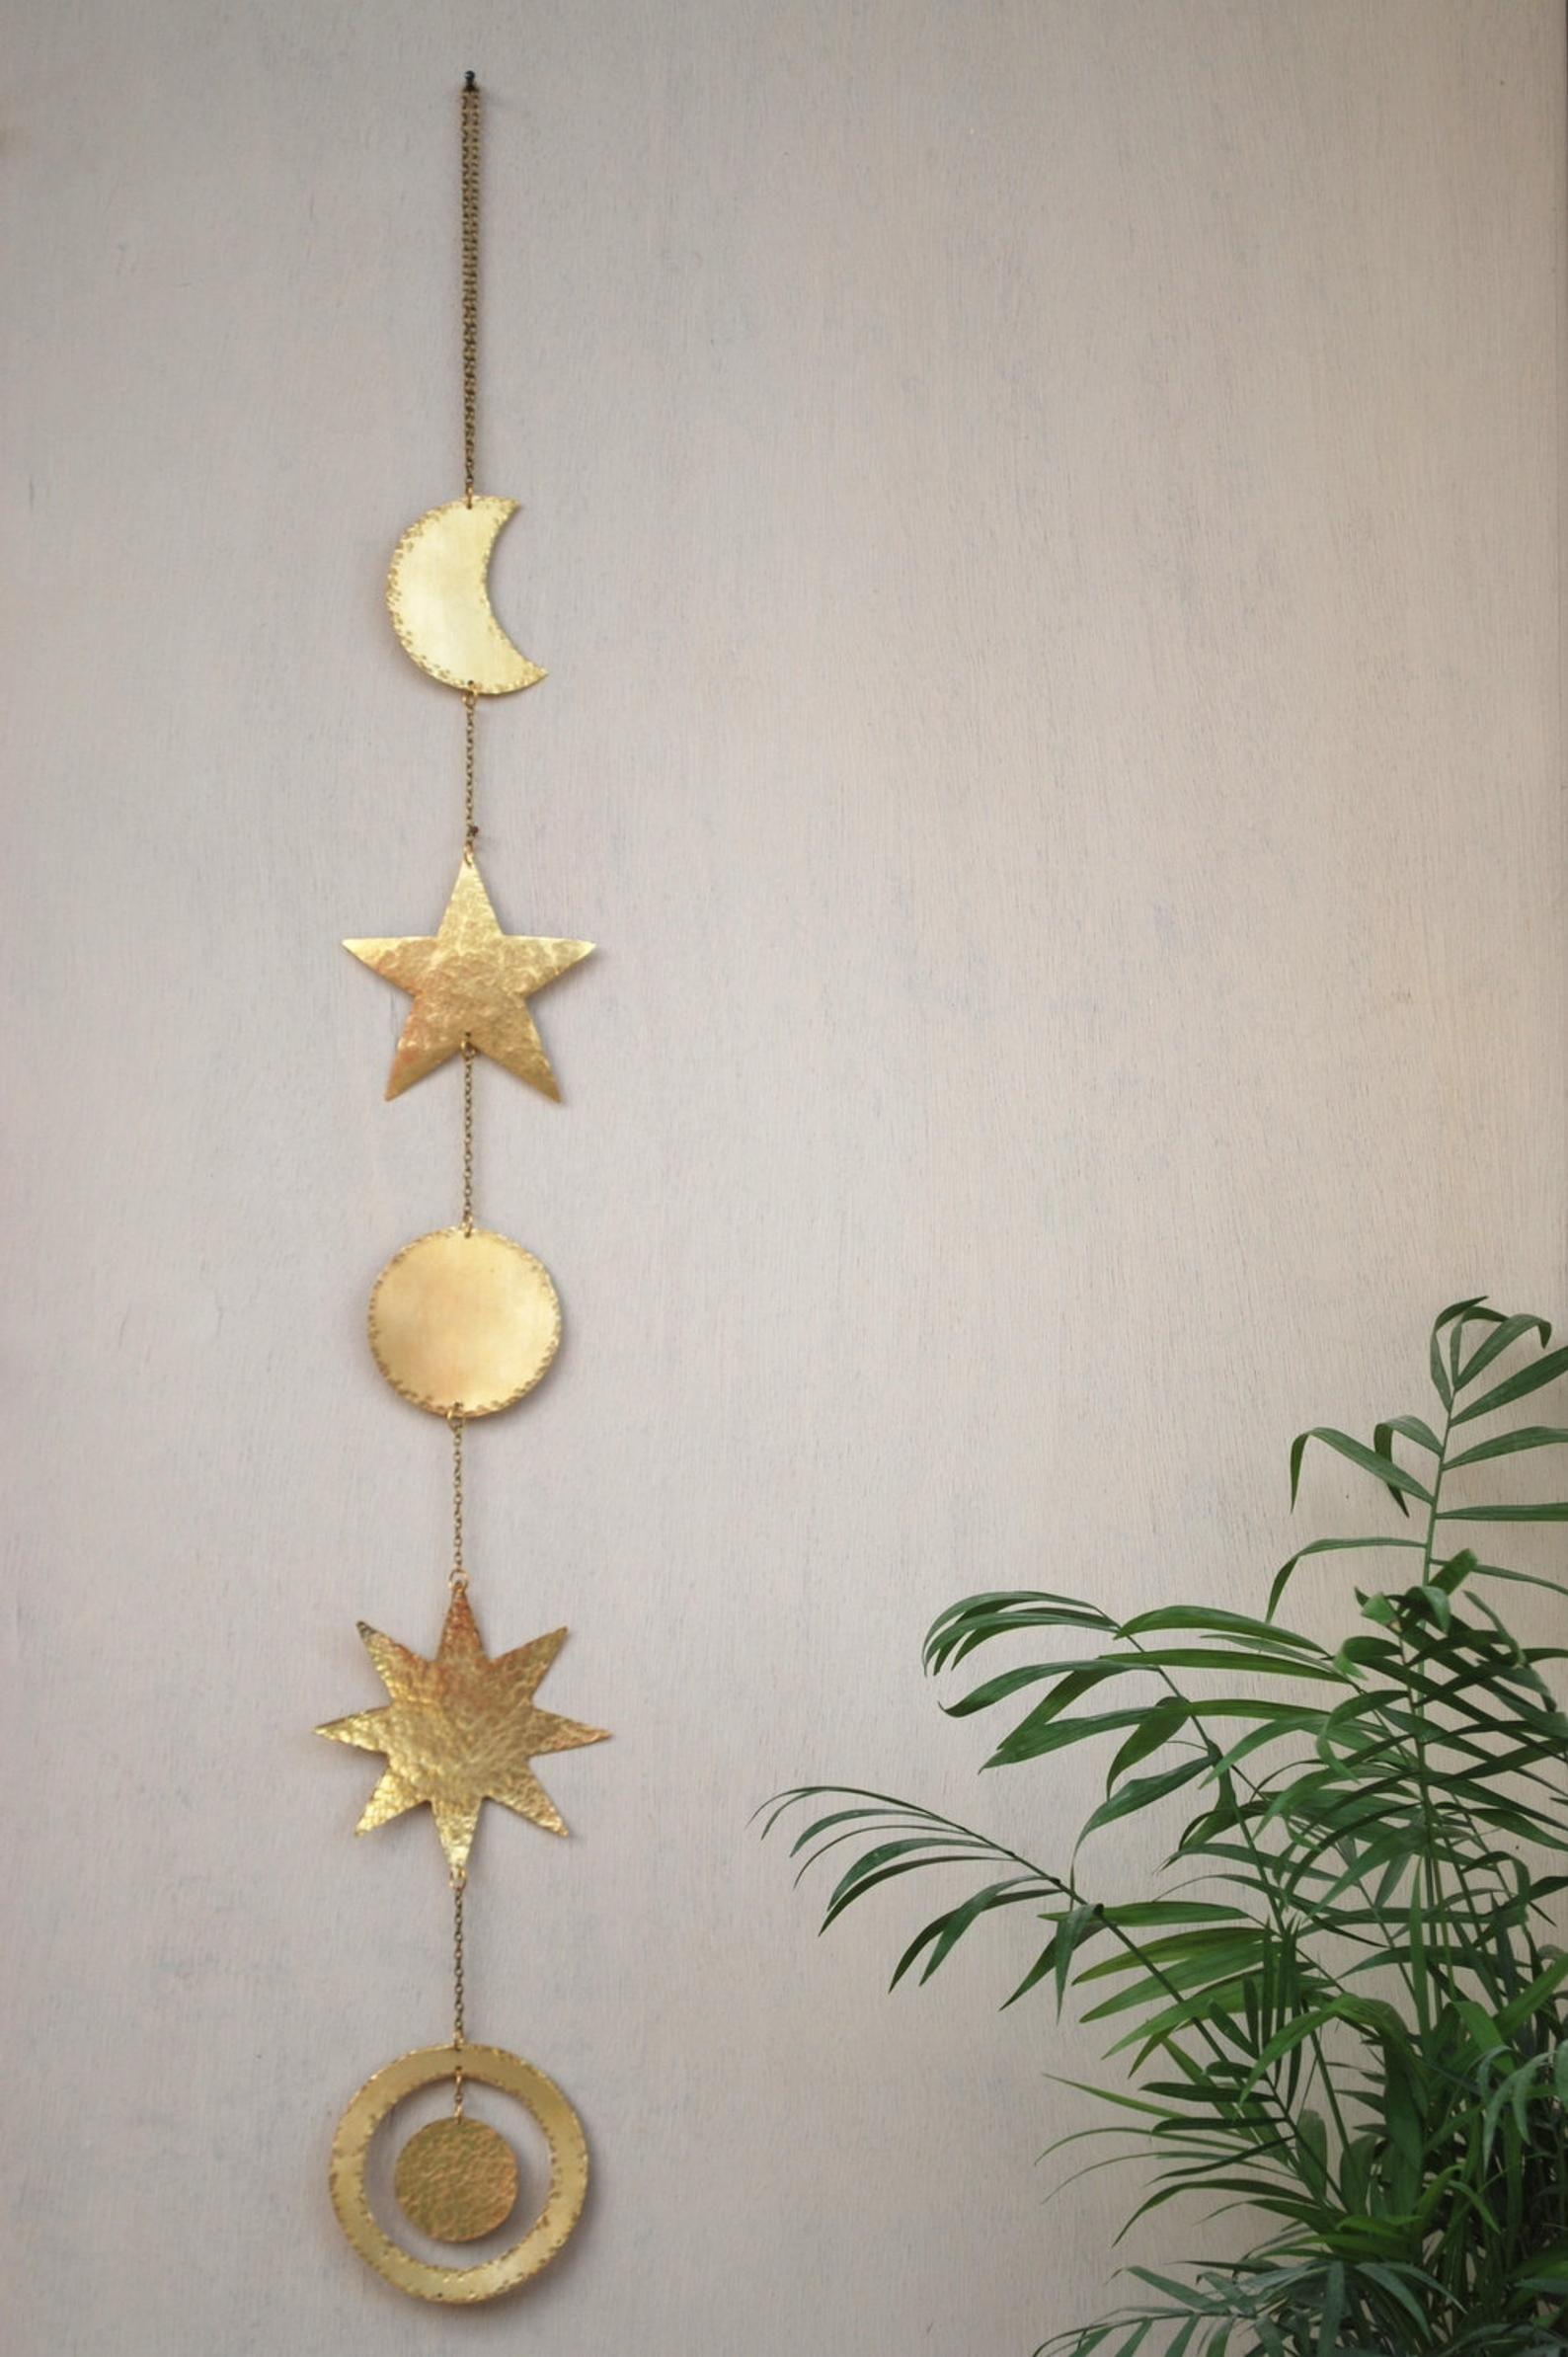 Brass Wall Hanging Celestial Wall Decor Boho Mobile Sun Etsy Brass Wall Hanging Boho Wall Decor Tree Wall Decor